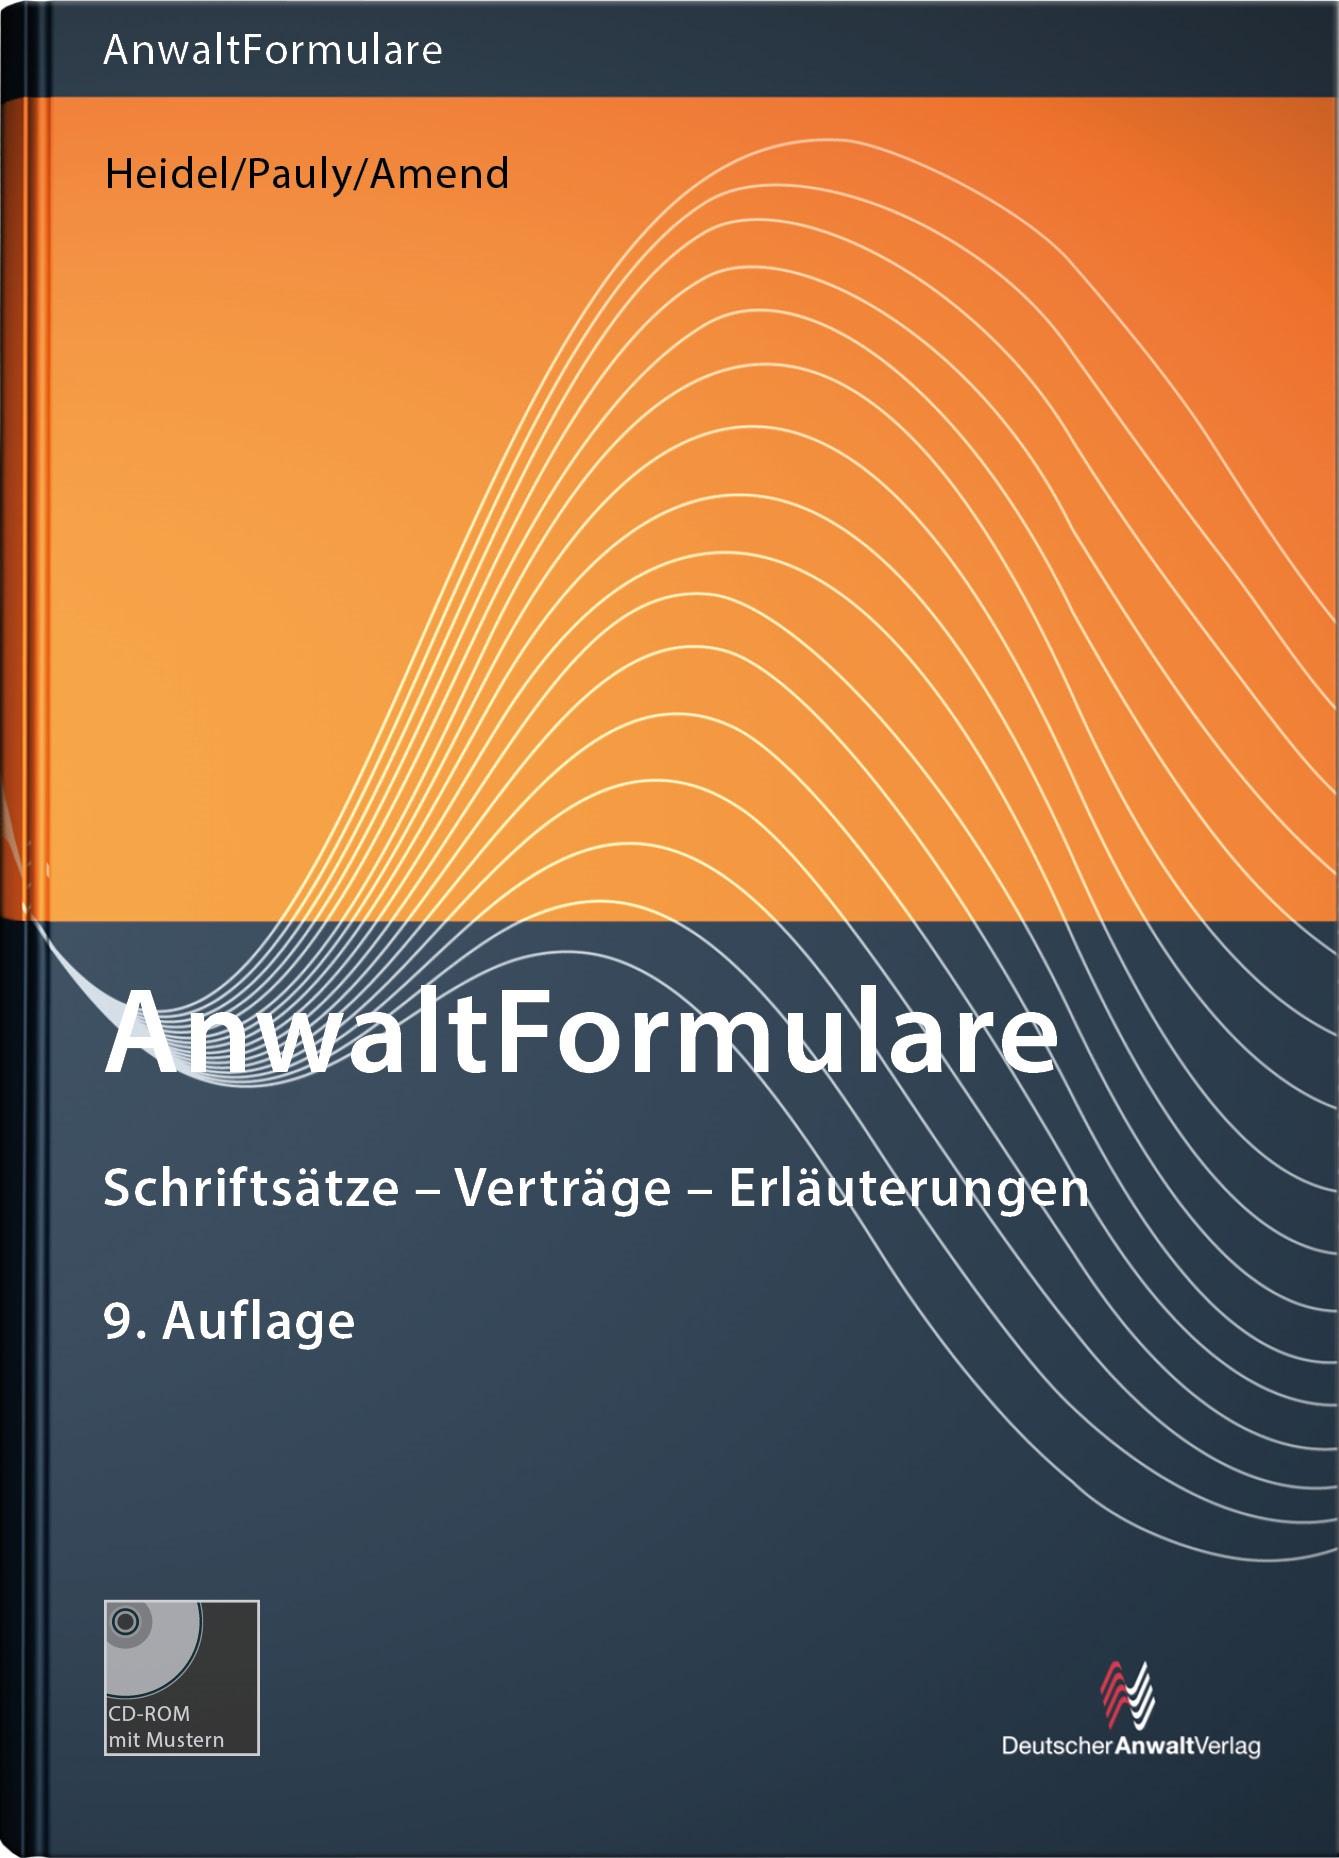 AnwaltFormulare | Heidel / Pauly / Amend | 9. Auflage, 2018 (Cover)